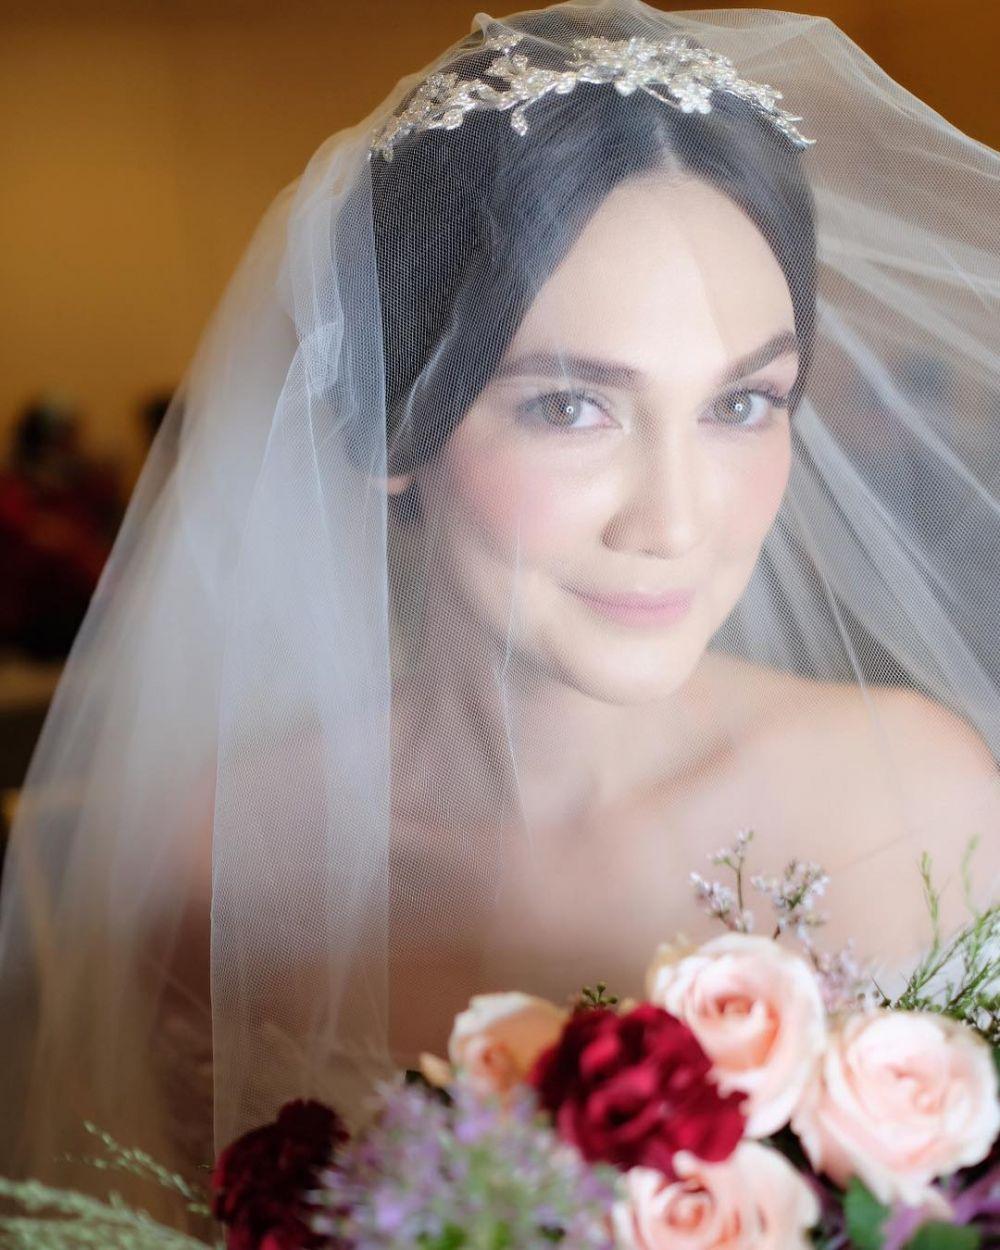 pengantin luna maya © 2018 brilio.net